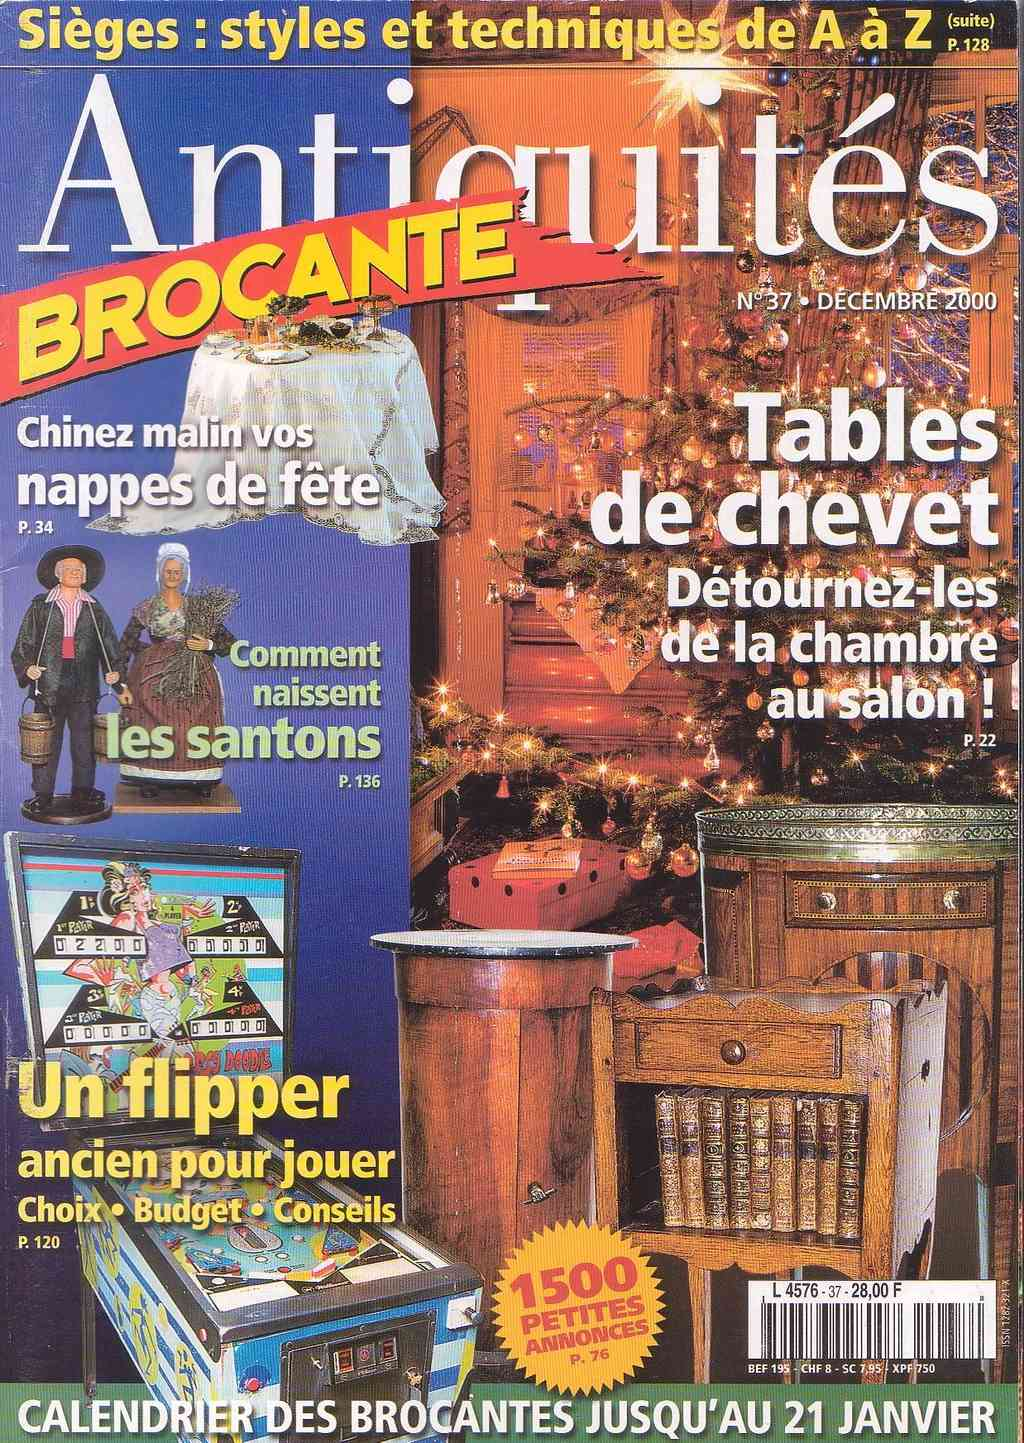 Magazine Antiquites Brocante Janvier 1998 37-110